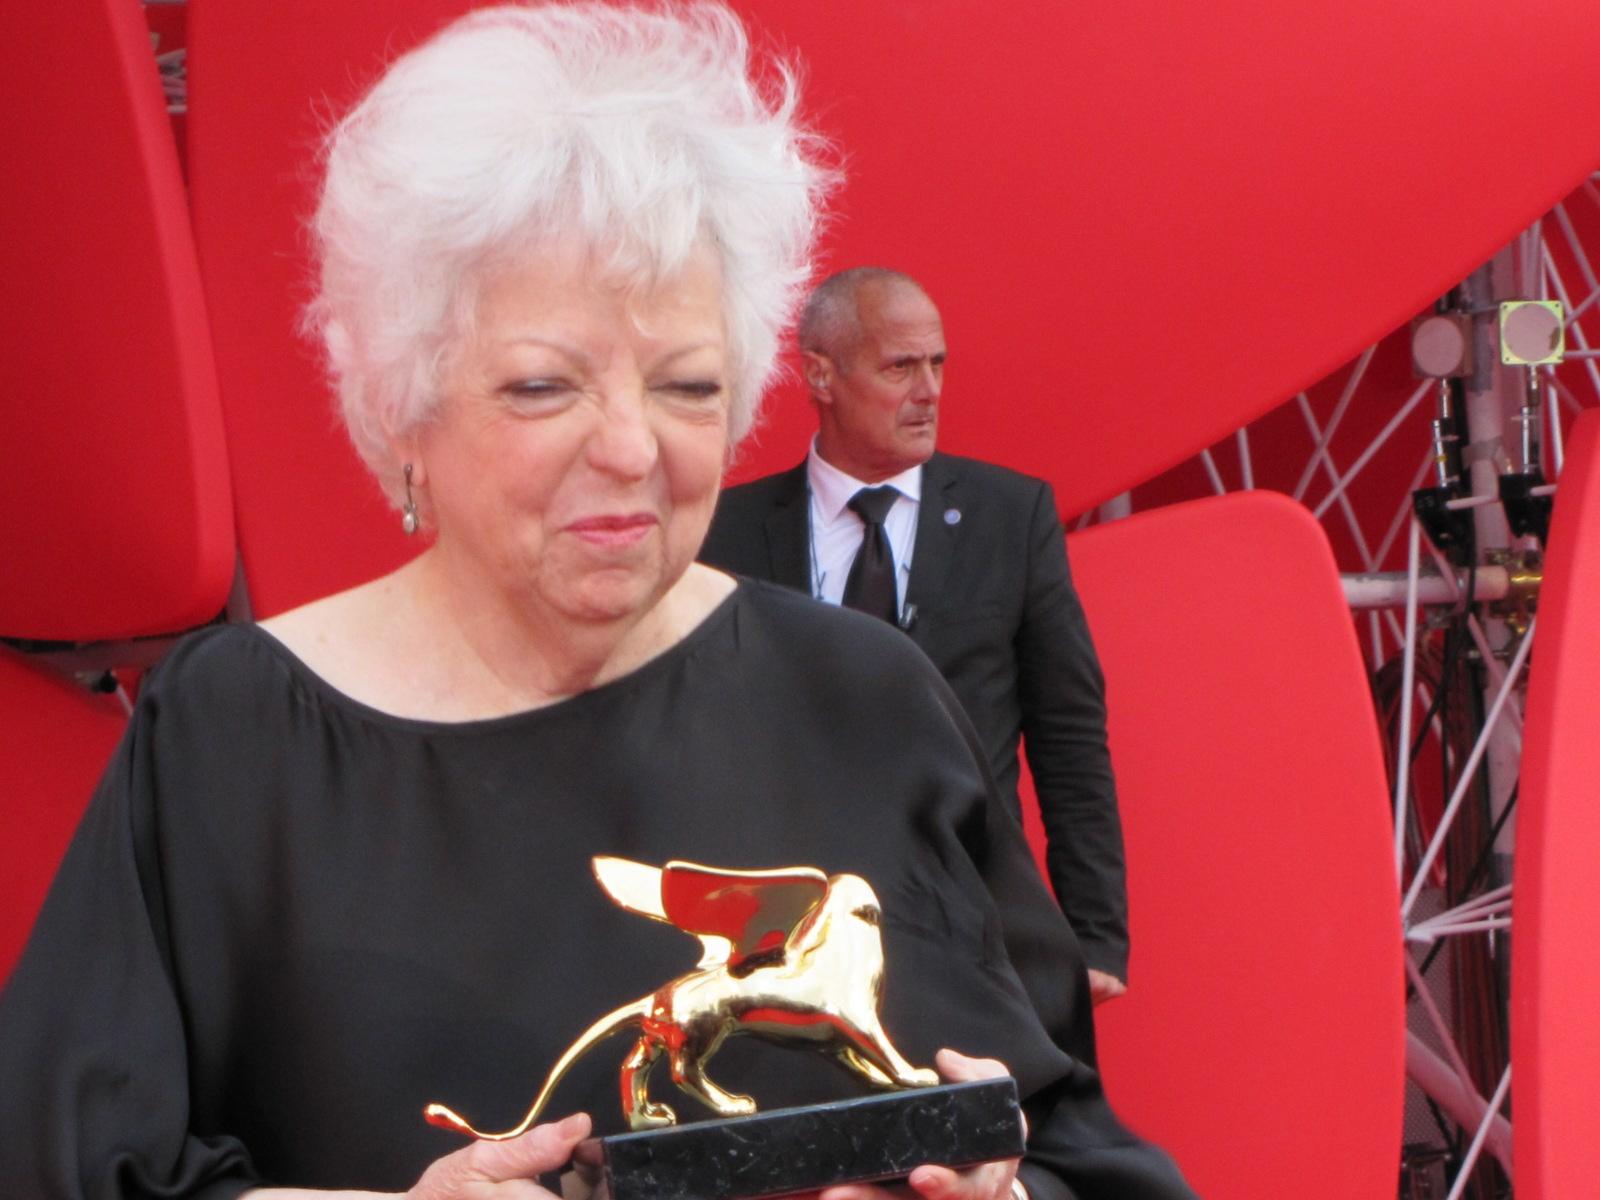 Thelma Schoonmaker con il suo Leone d'Oro alla carriera, Venezia 2014